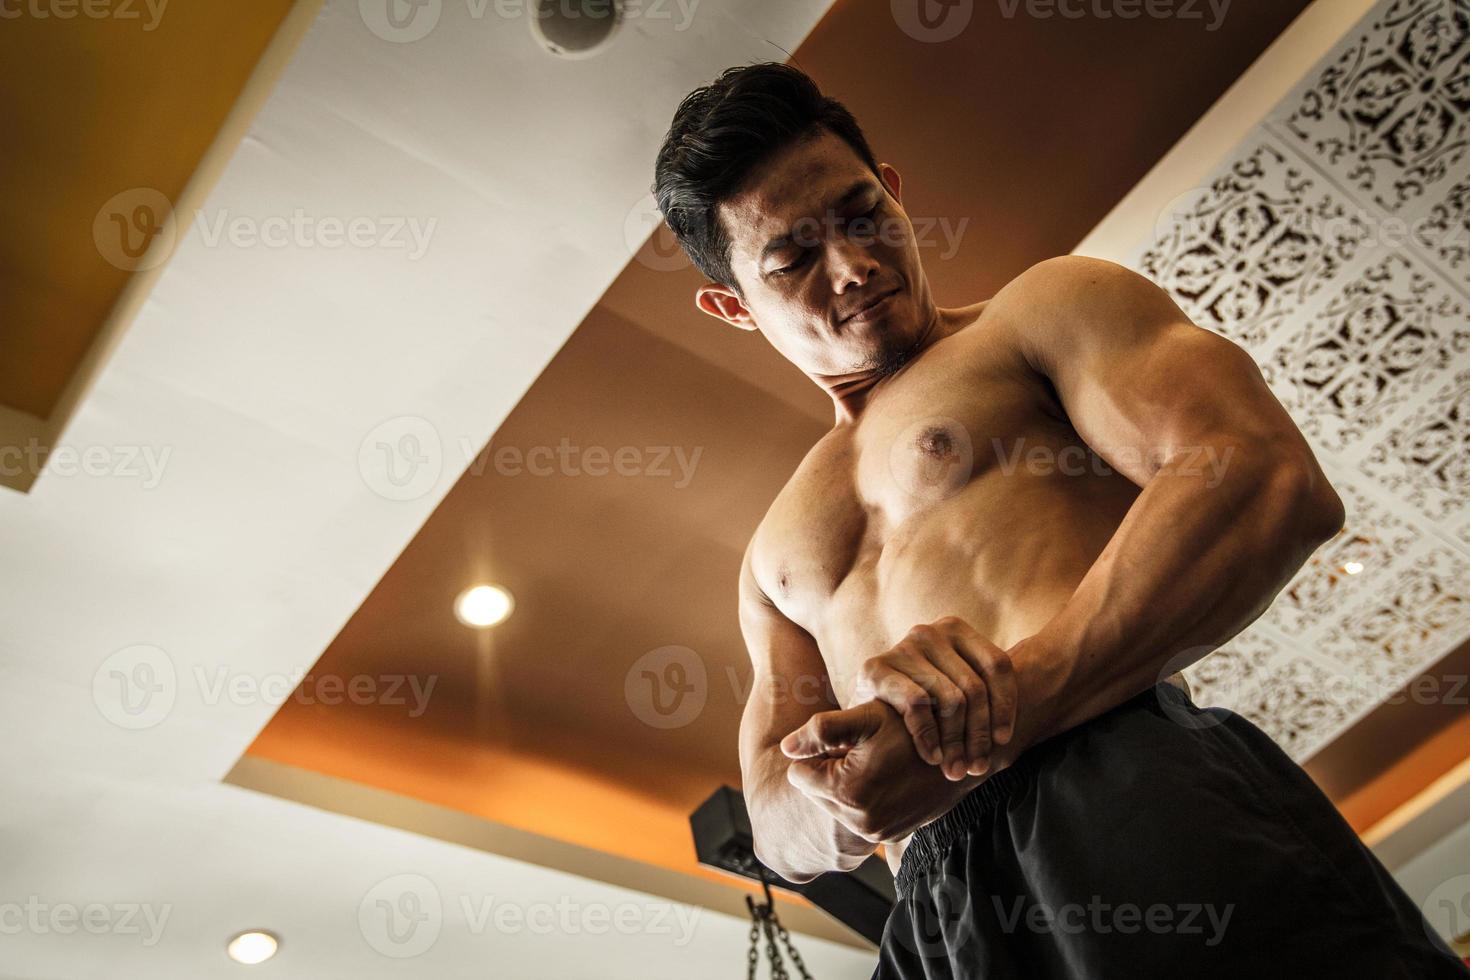 Bodybuilder schaut seinen Muskel foto